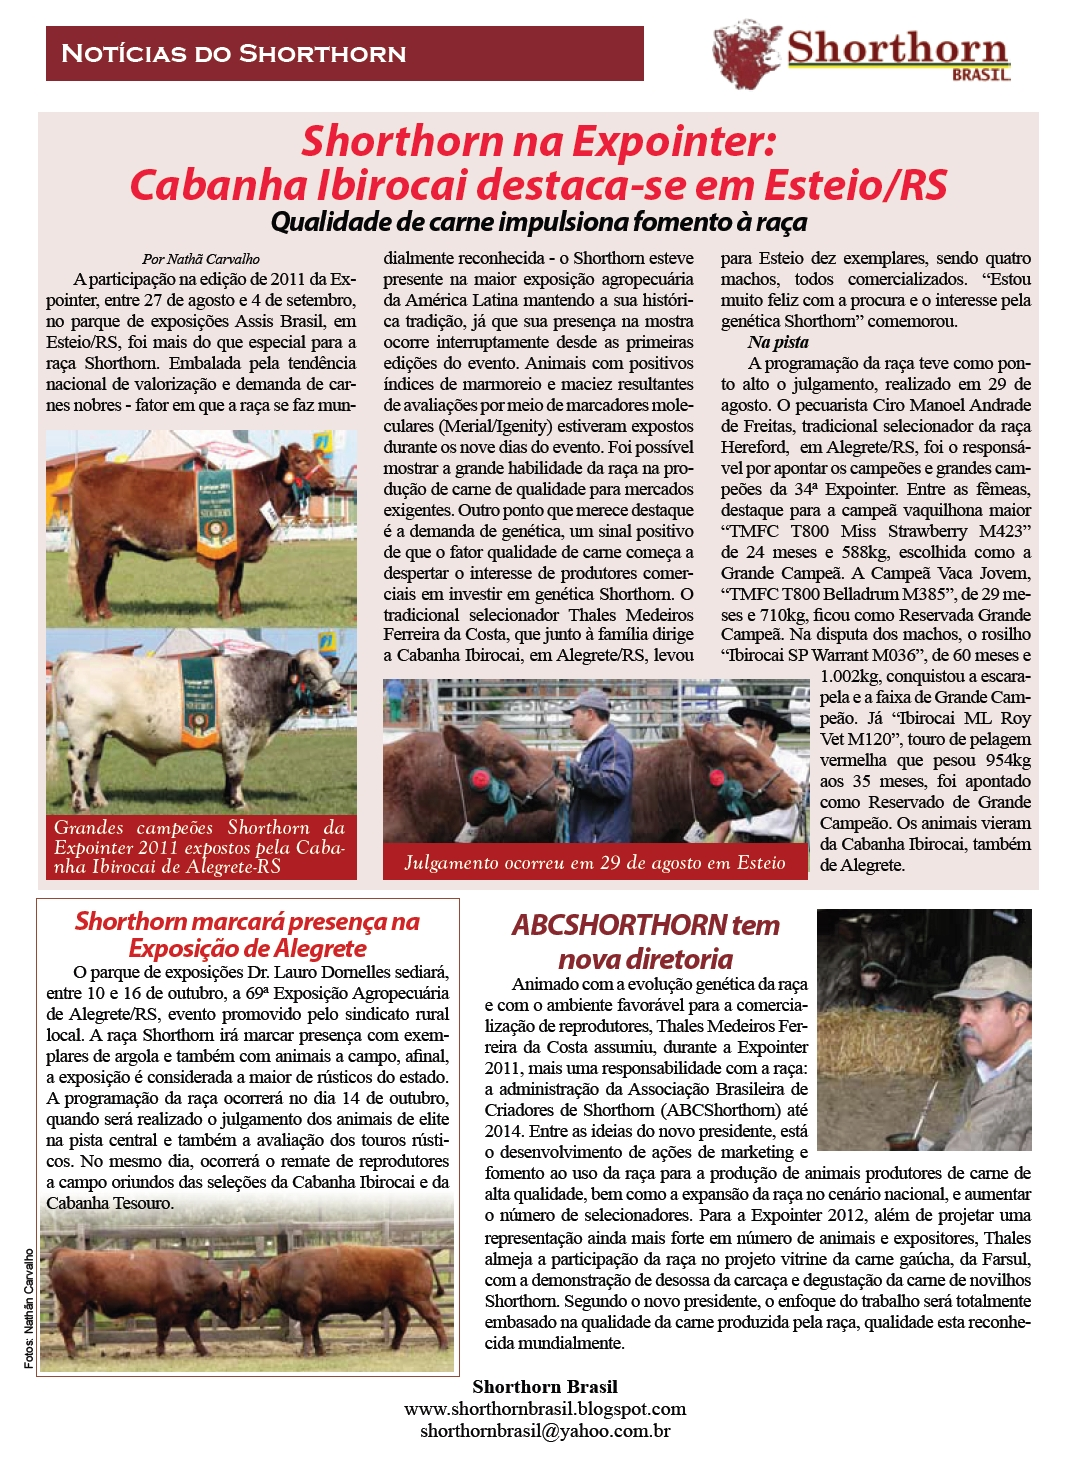 Clique e leia a página Notícias do Shorthorn na edição de outubro da revista  AG Criador  a9ba349aaee